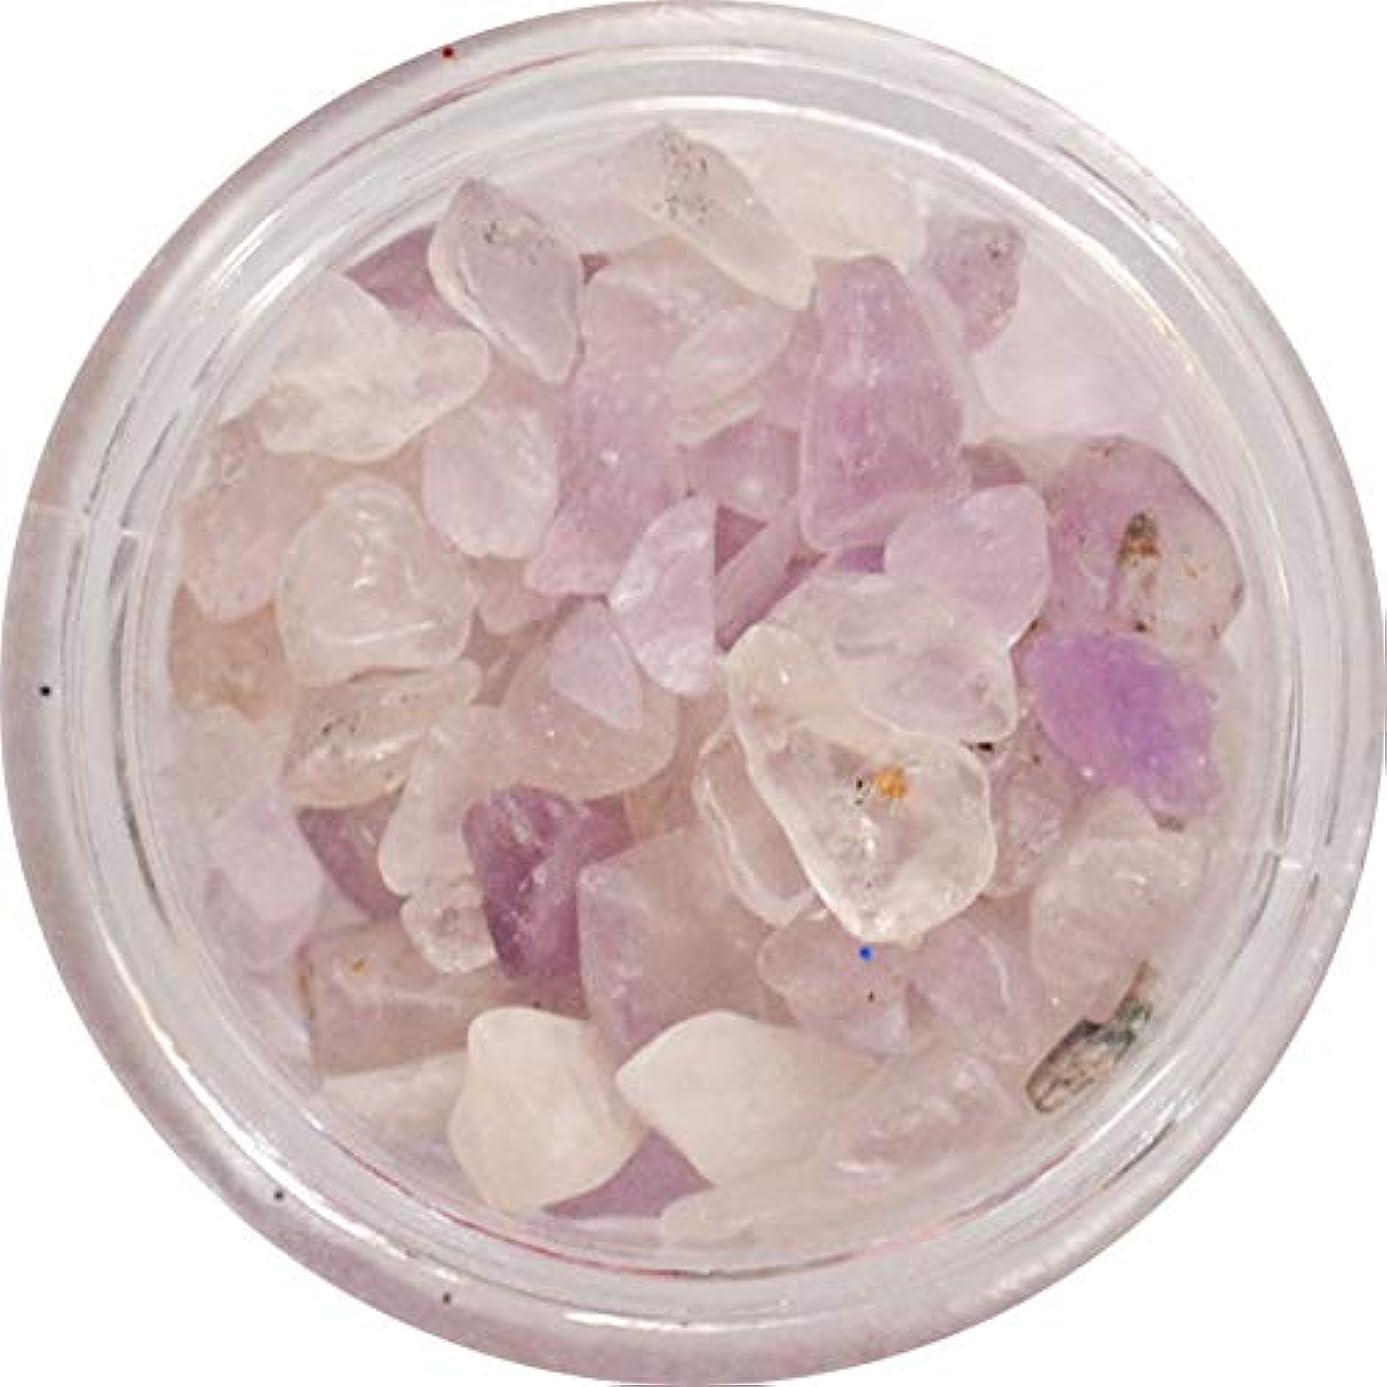 風味無謀ヒープ天然石のネイルパーツ Natural Stones 丸いプラスチックケース入り (ライトアメジスト風)